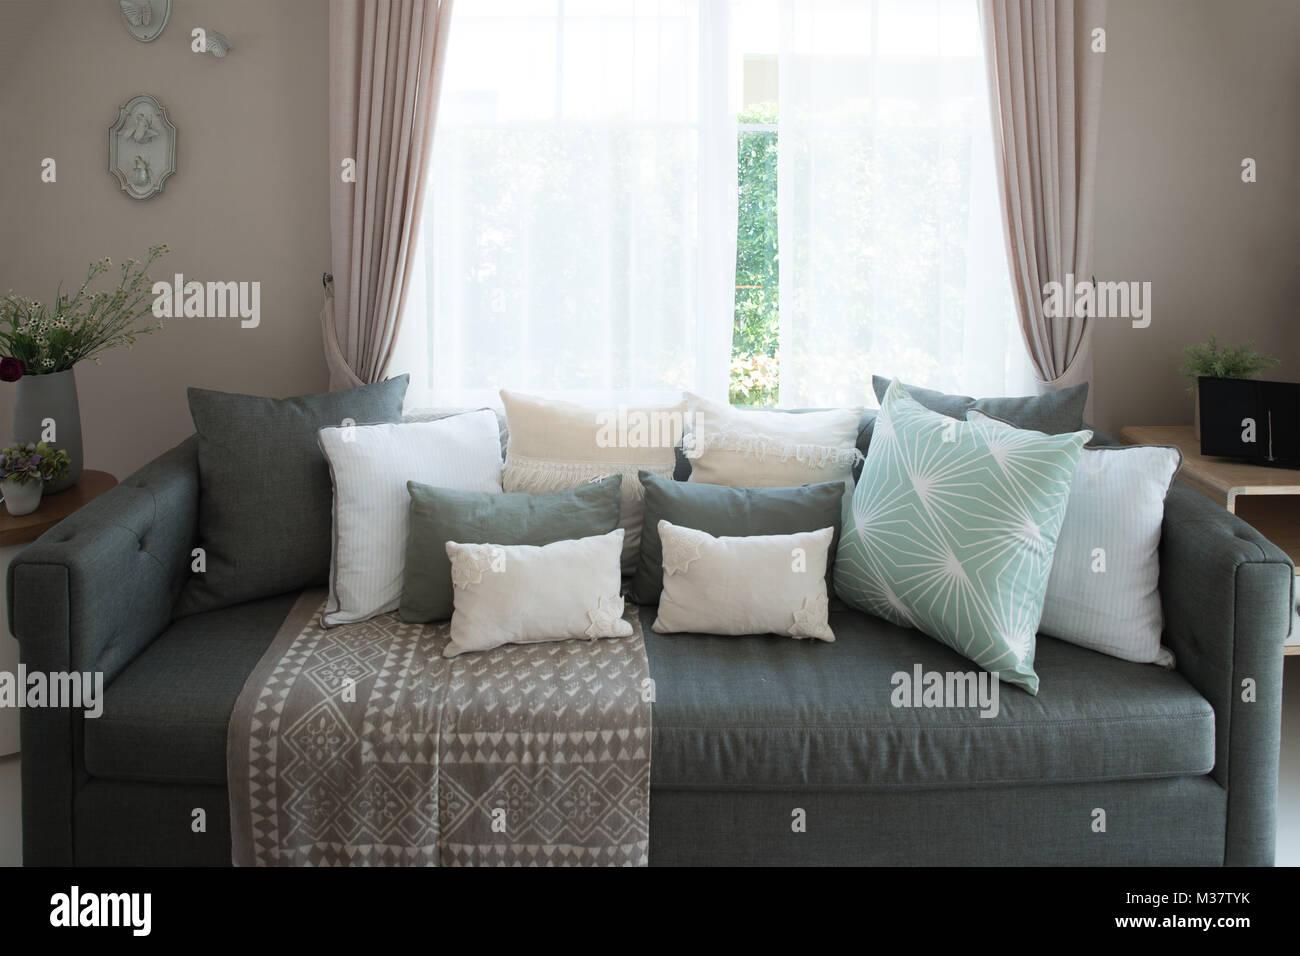 Eitelkeit Lounge Sofa Wohnzimmer Referenz Von Lounge-sofa Und Bunten Kissen In Im Im